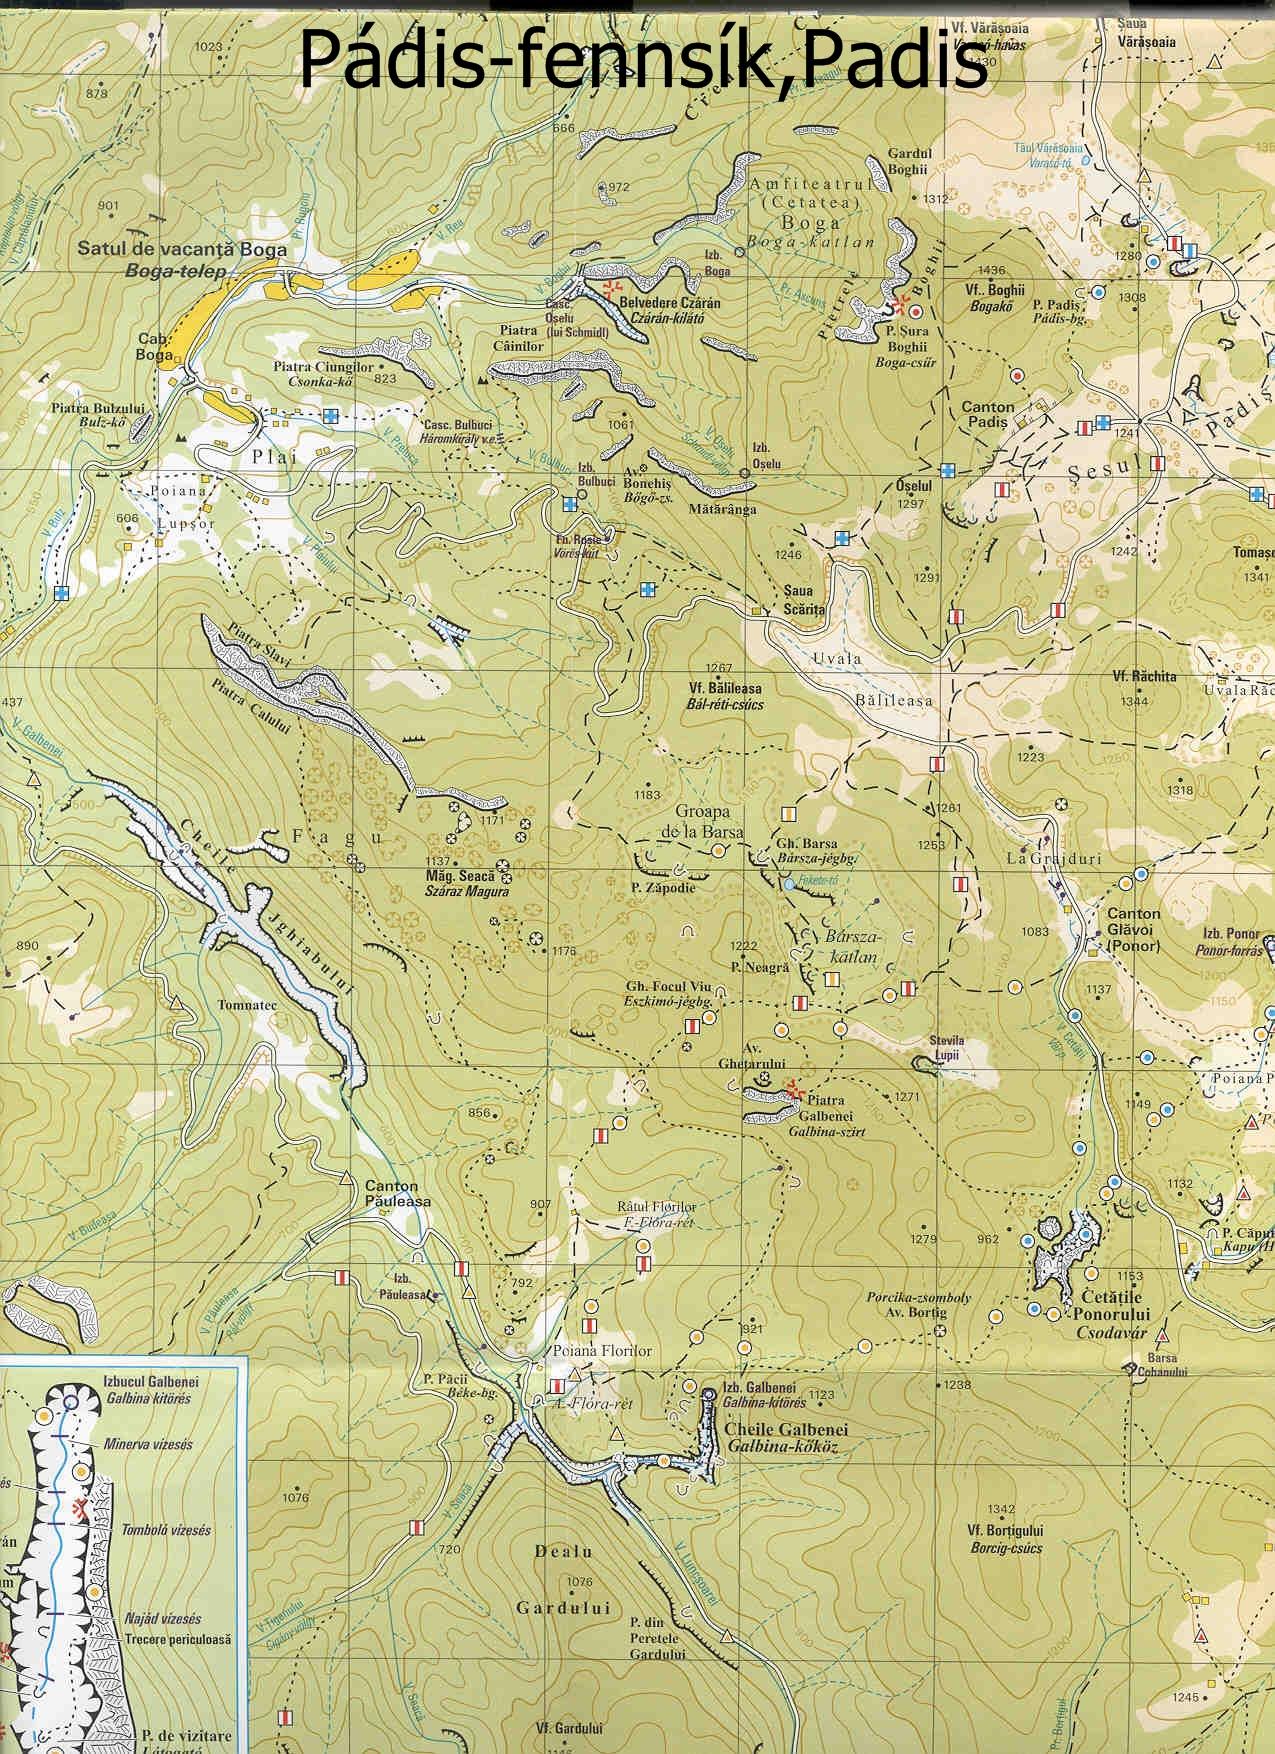 Pádis turisztikai térképe - szállás